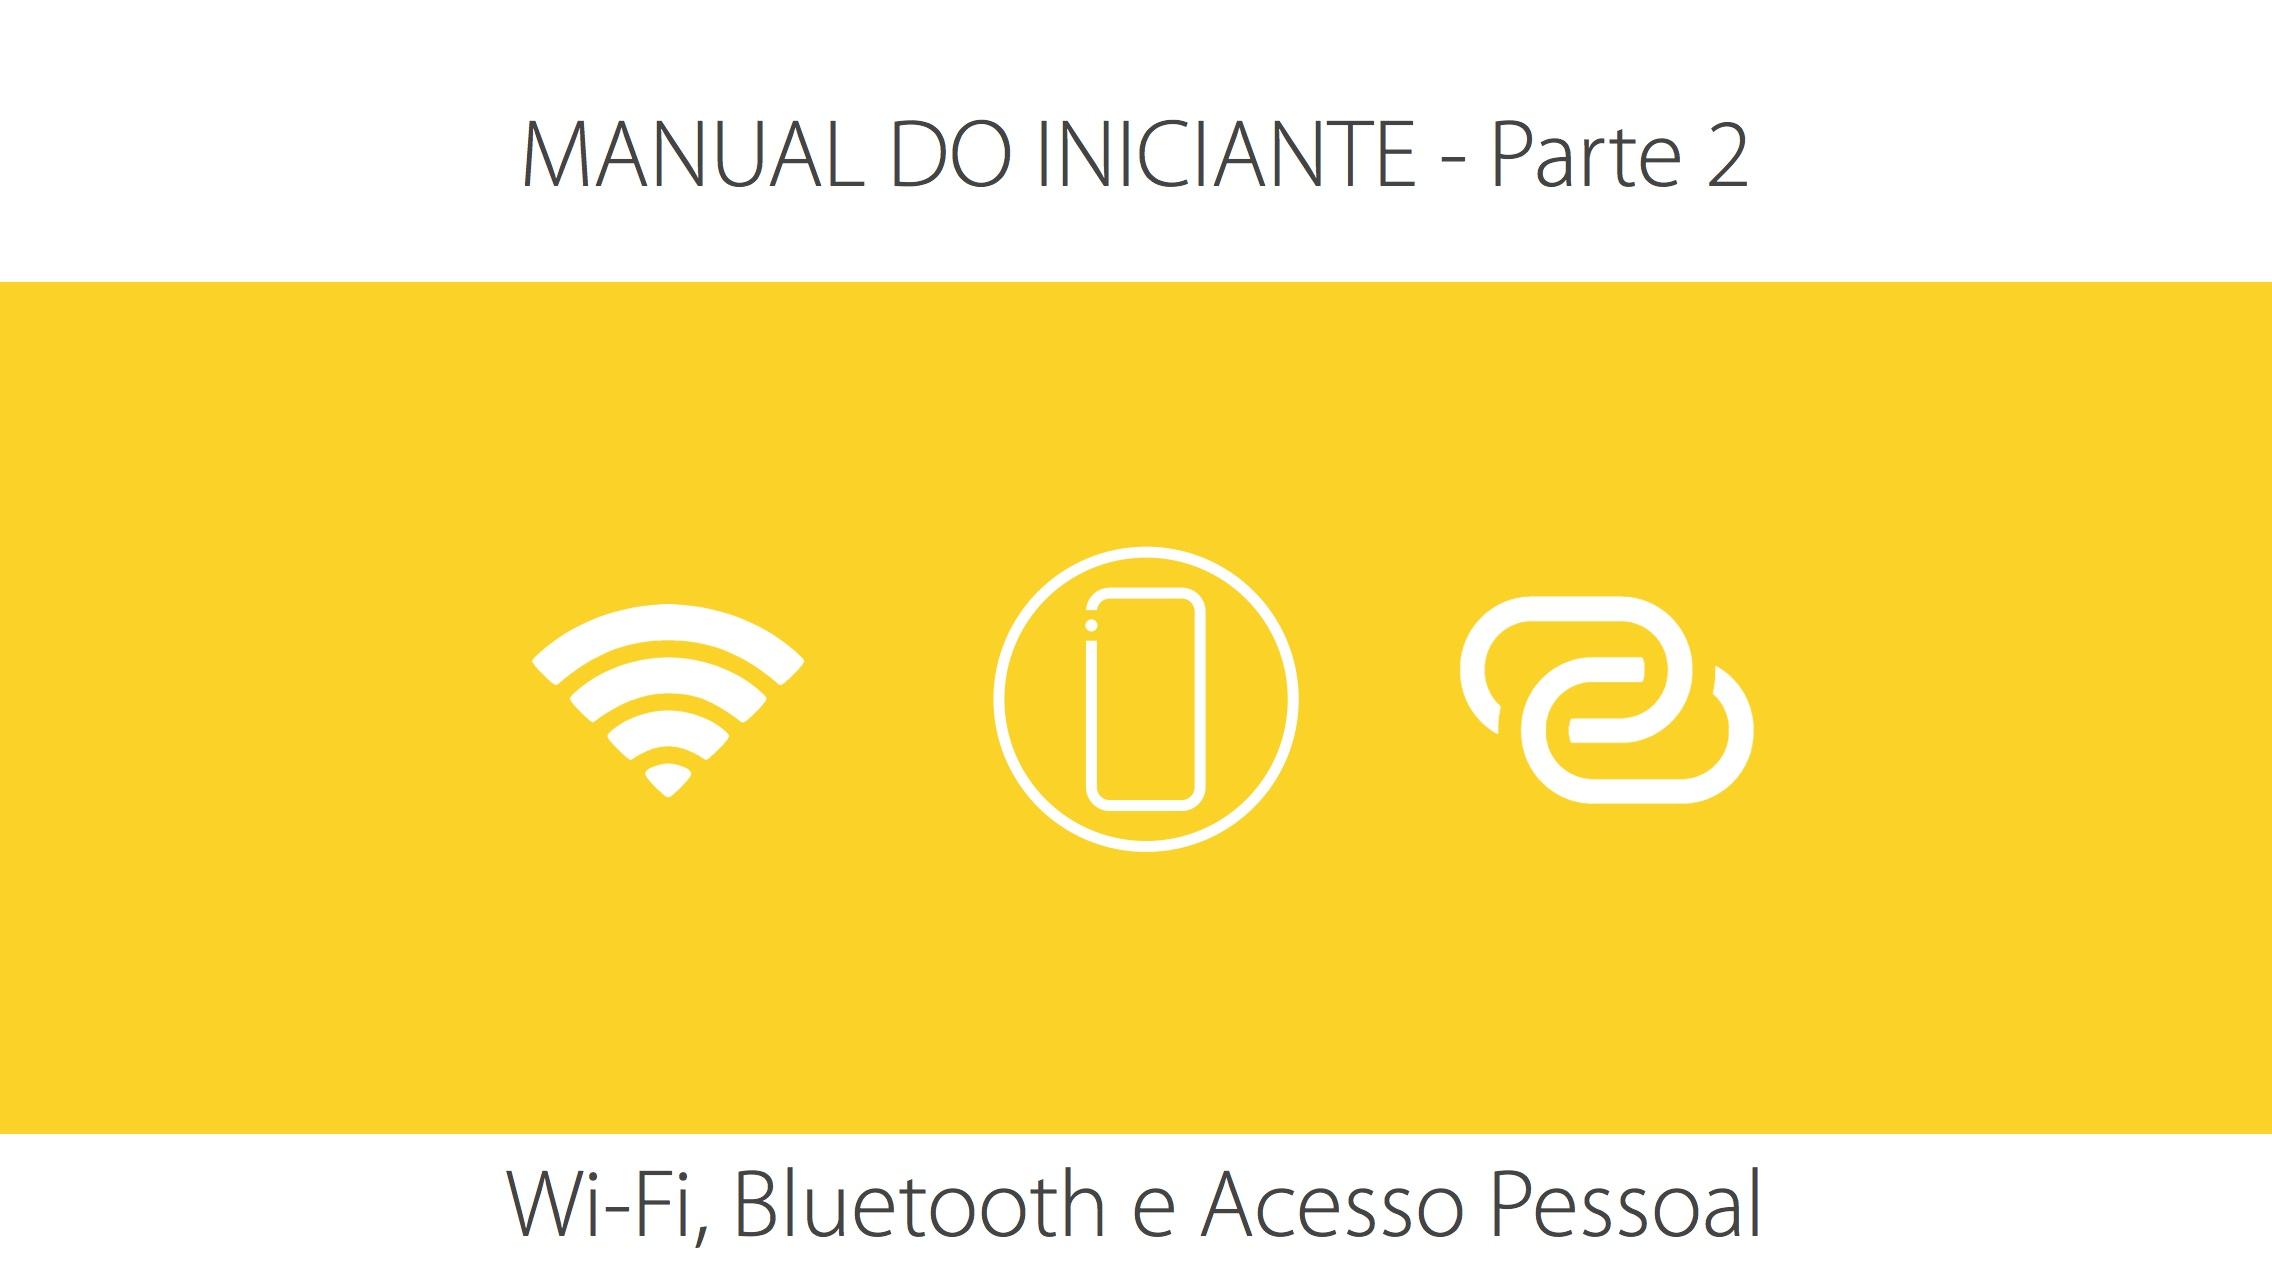 [Manual do Iniciante] Parte II – Wi-Fi, Bluetooth e Acesso Pessoal